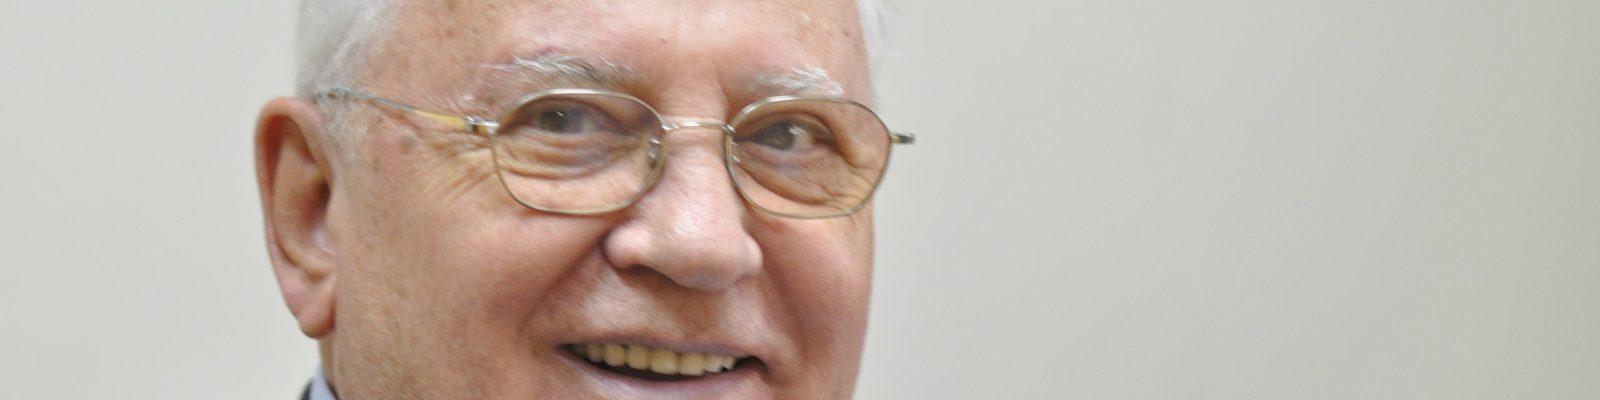 Michail Gorbatschows Appell: Bedrohungen endlich  gemeinsam bekämpfen